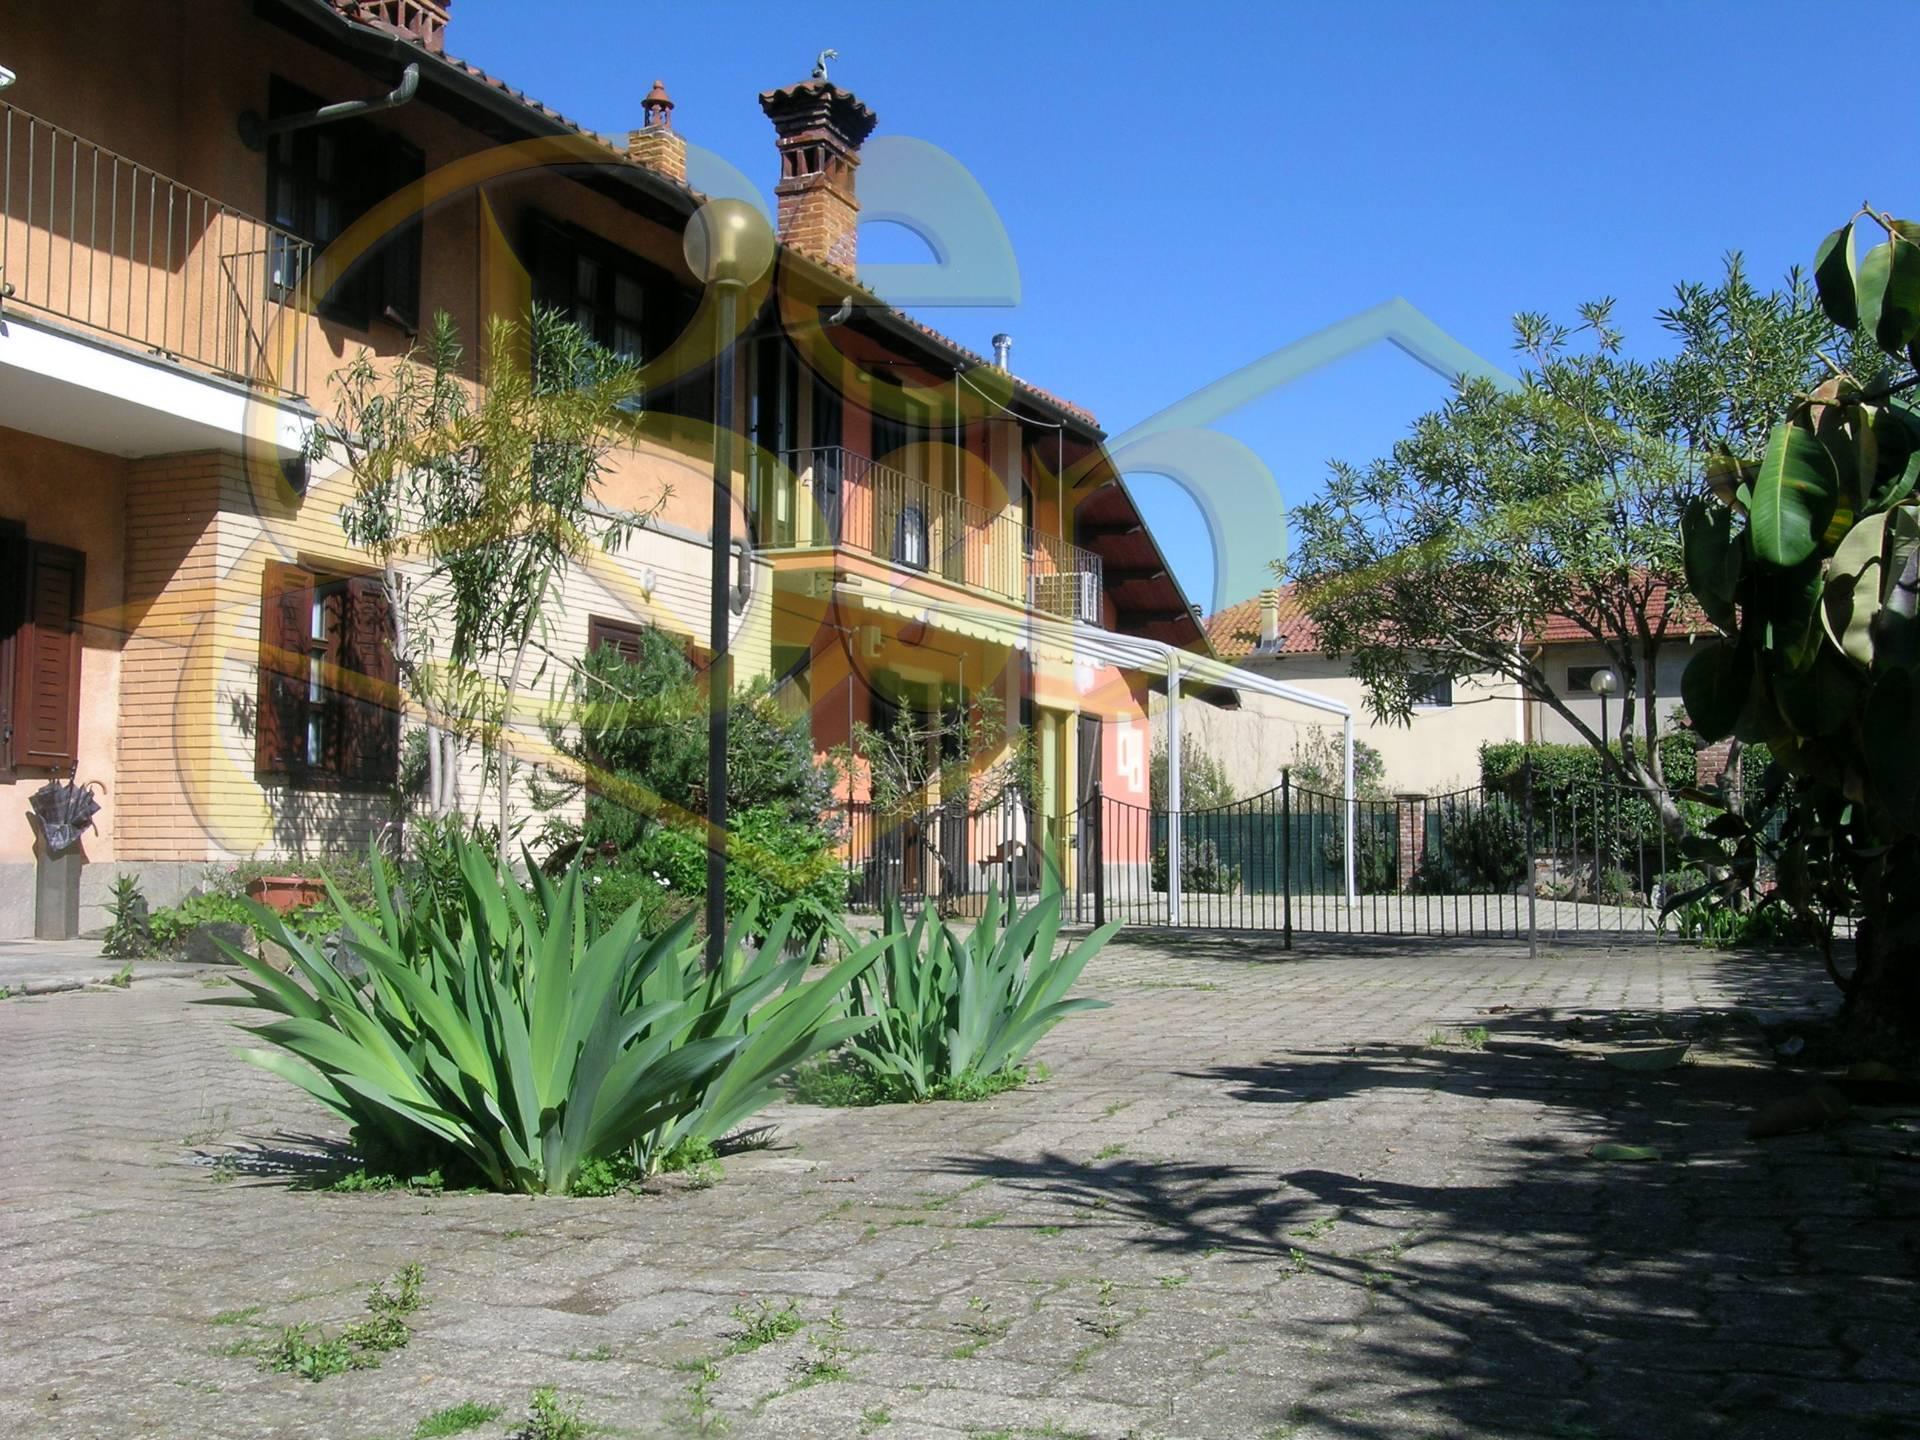 Rustico / Casale in vendita a Rivoli, 6 locali, zona Località: centrostorico, prezzo € 380.000 | Cambio Casa.it